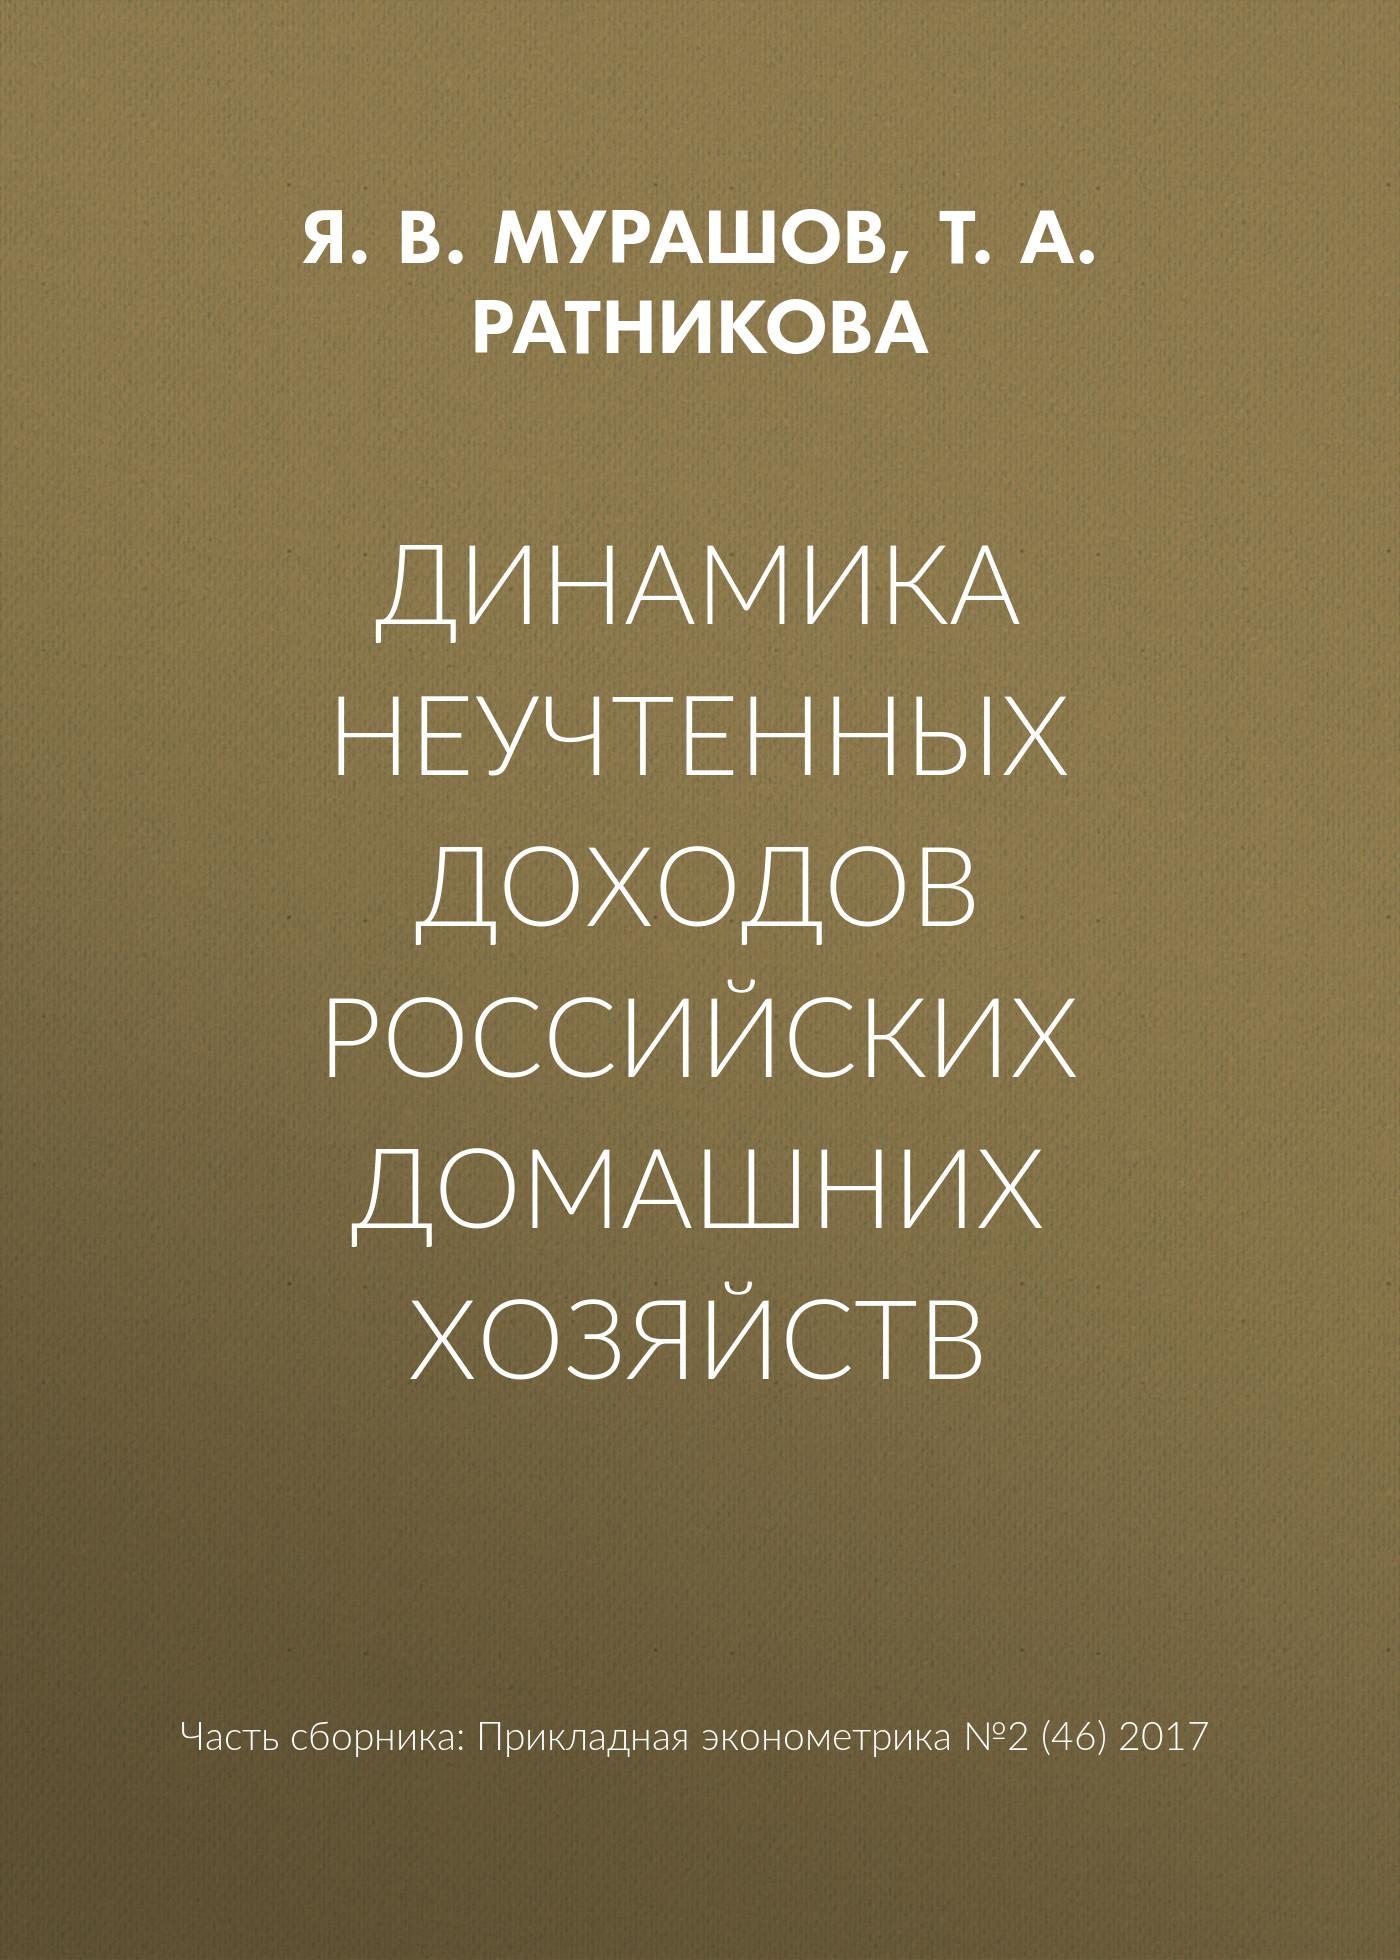 Динамика неучтенных доходов российских домашних хозяйств